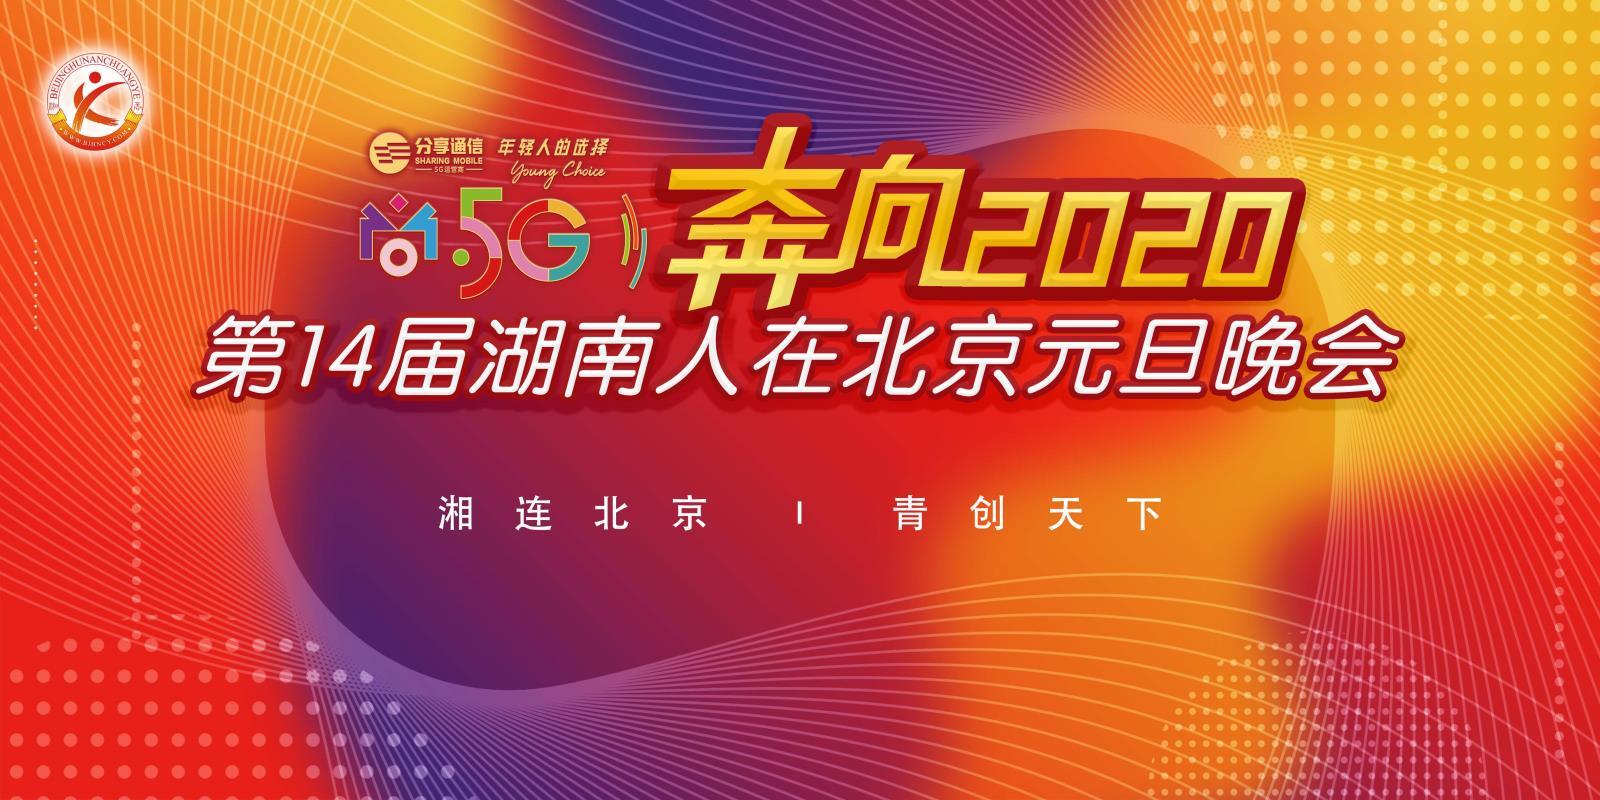 分享通信冠名|2020年竞技宝最新版在竞技宝app官方元旦晚会